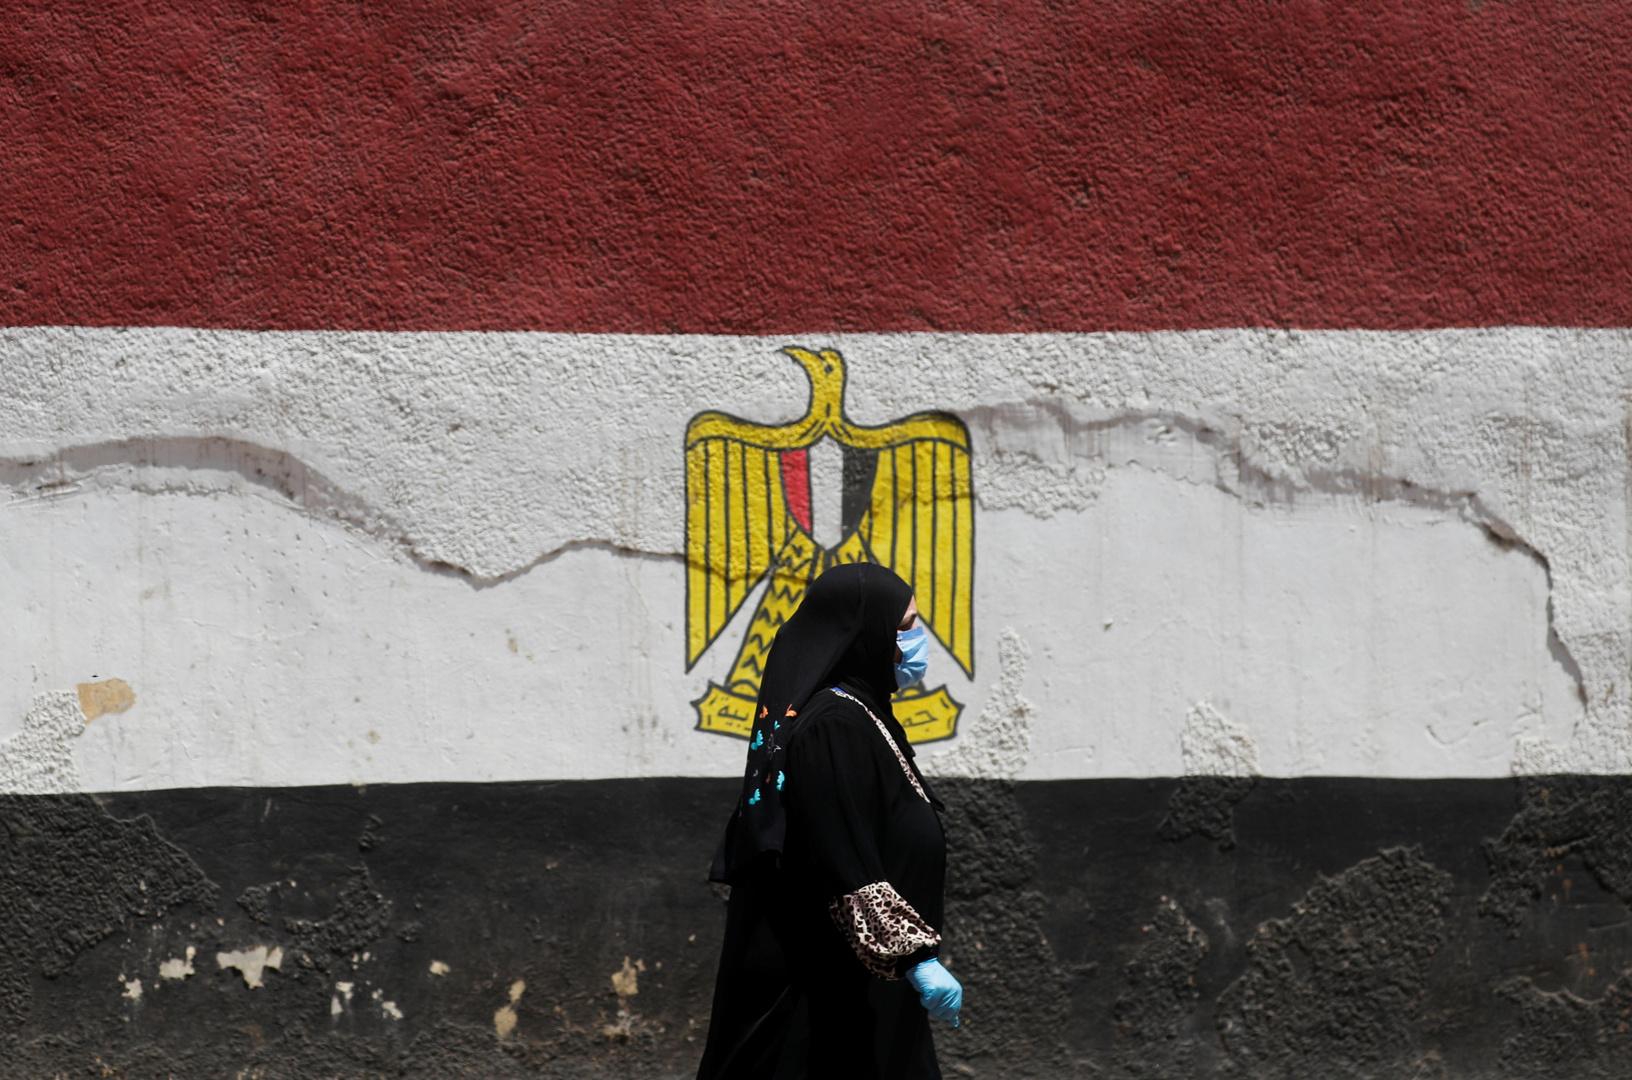 مصر.. مستشار السيسي يتحدث عن موعد متوقع لظهور لقاح ضد فيروس كورونا